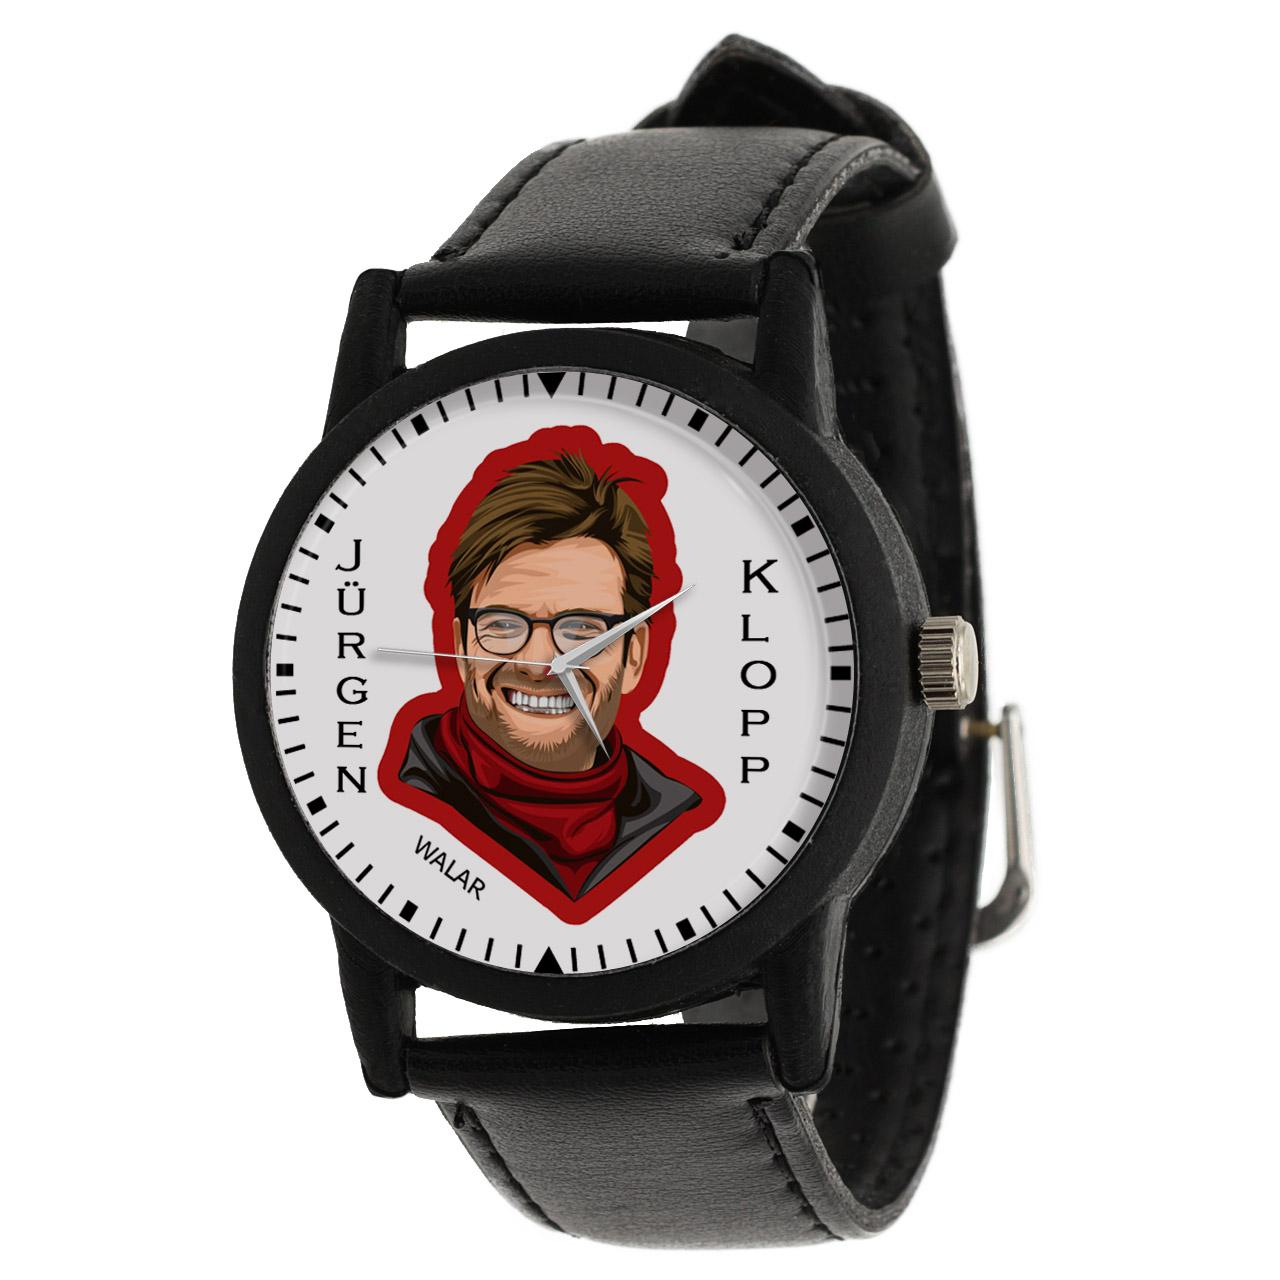 ساعت مچی عقربه ای مردانه والار طرح یورگن کلوپ کد LF2130              ارزان